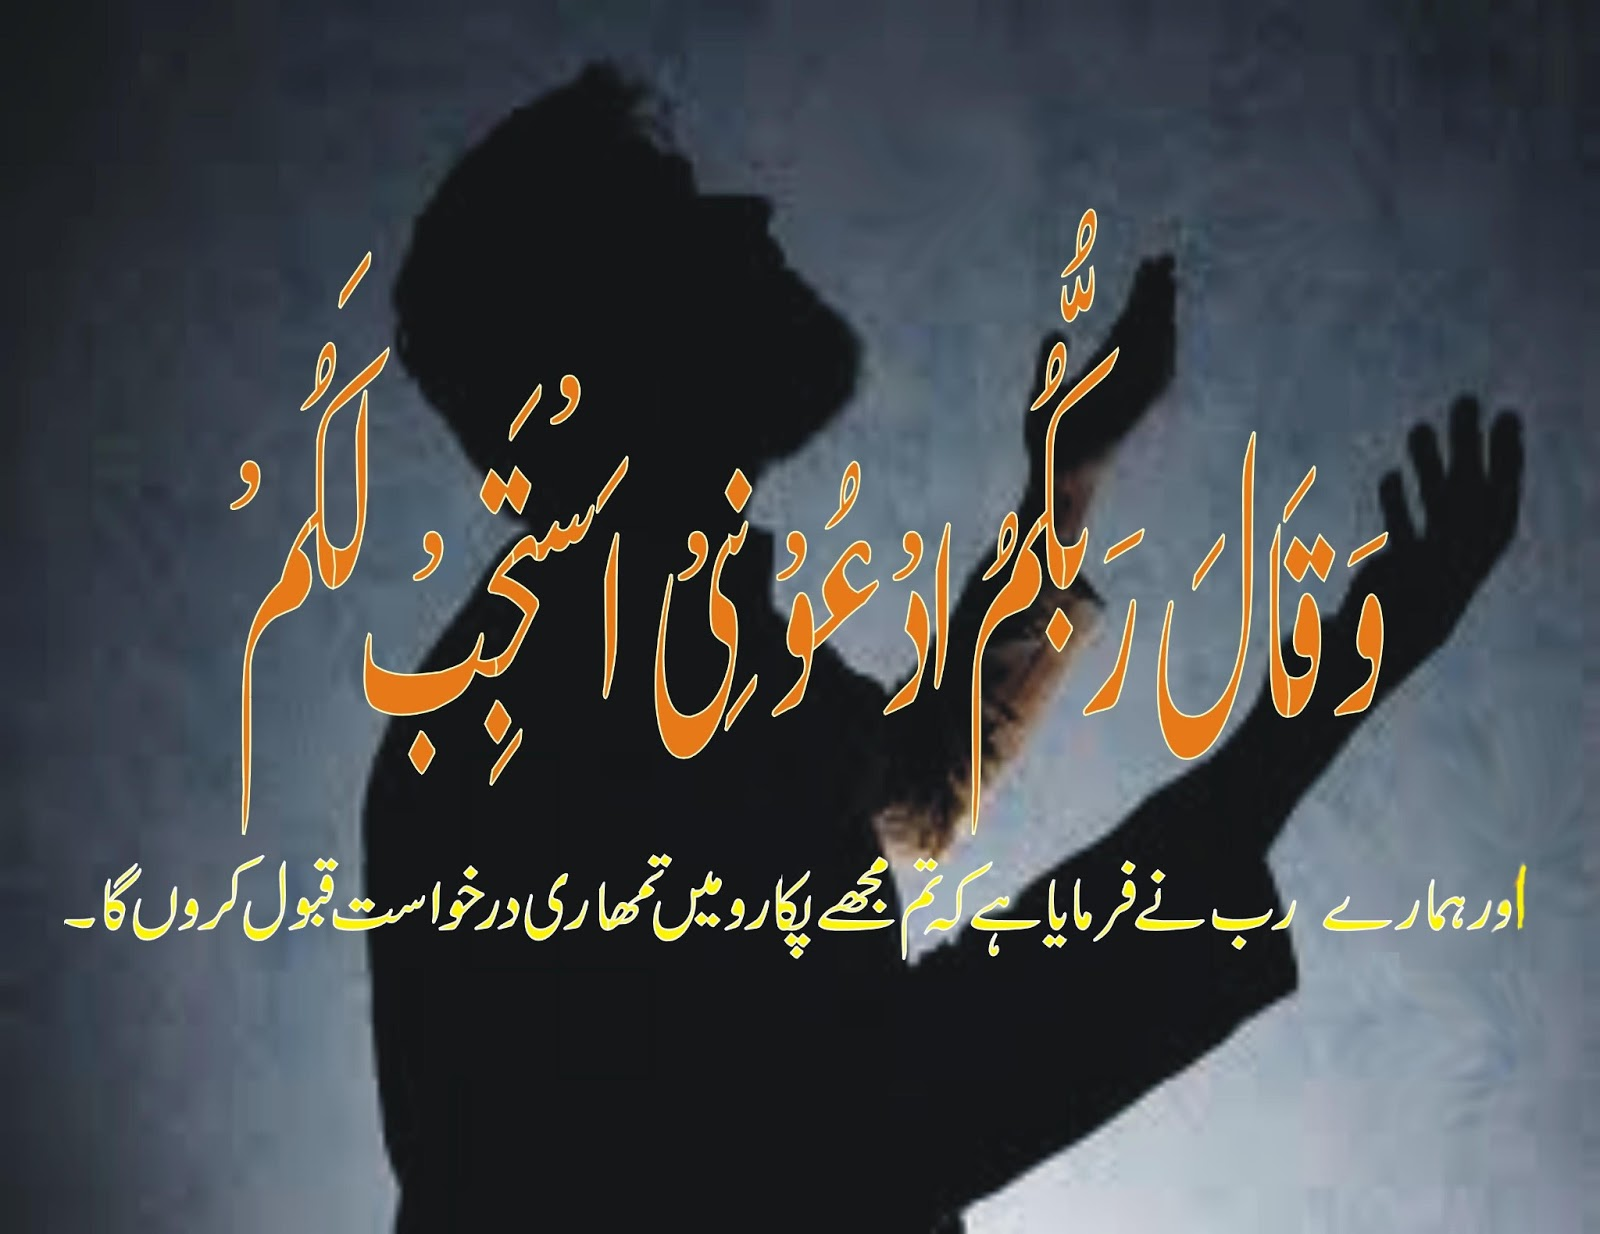 Poetry wallpapers free download in urdu for facebook for - Wallpaper urdu poetry islamic ...